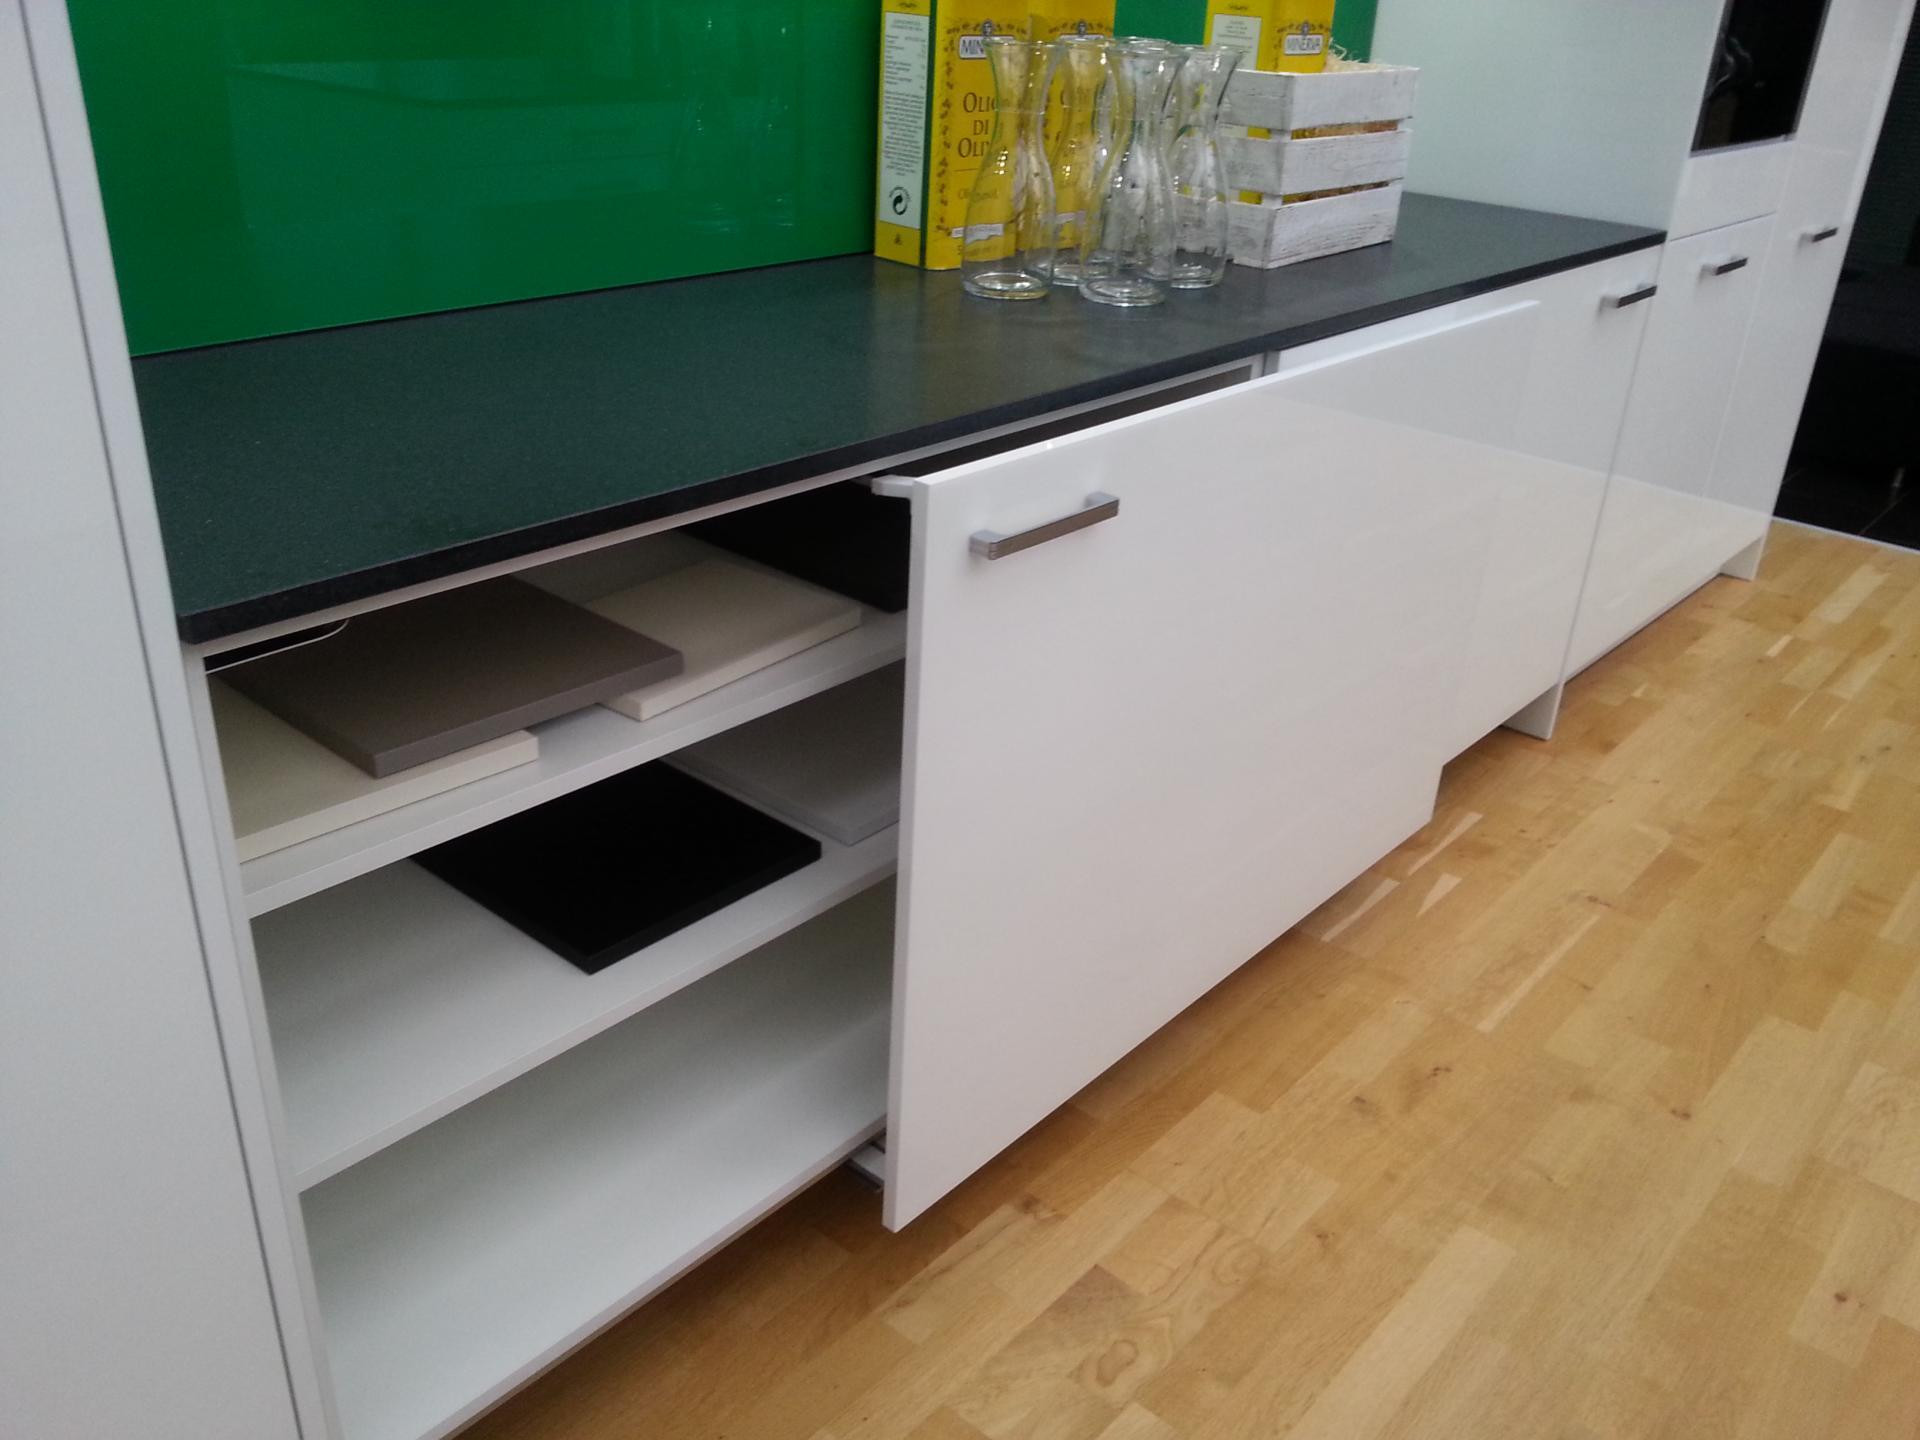 syst me de fa ades coulissantes pour meubles de cuisines. Black Bedroom Furniture Sets. Home Design Ideas